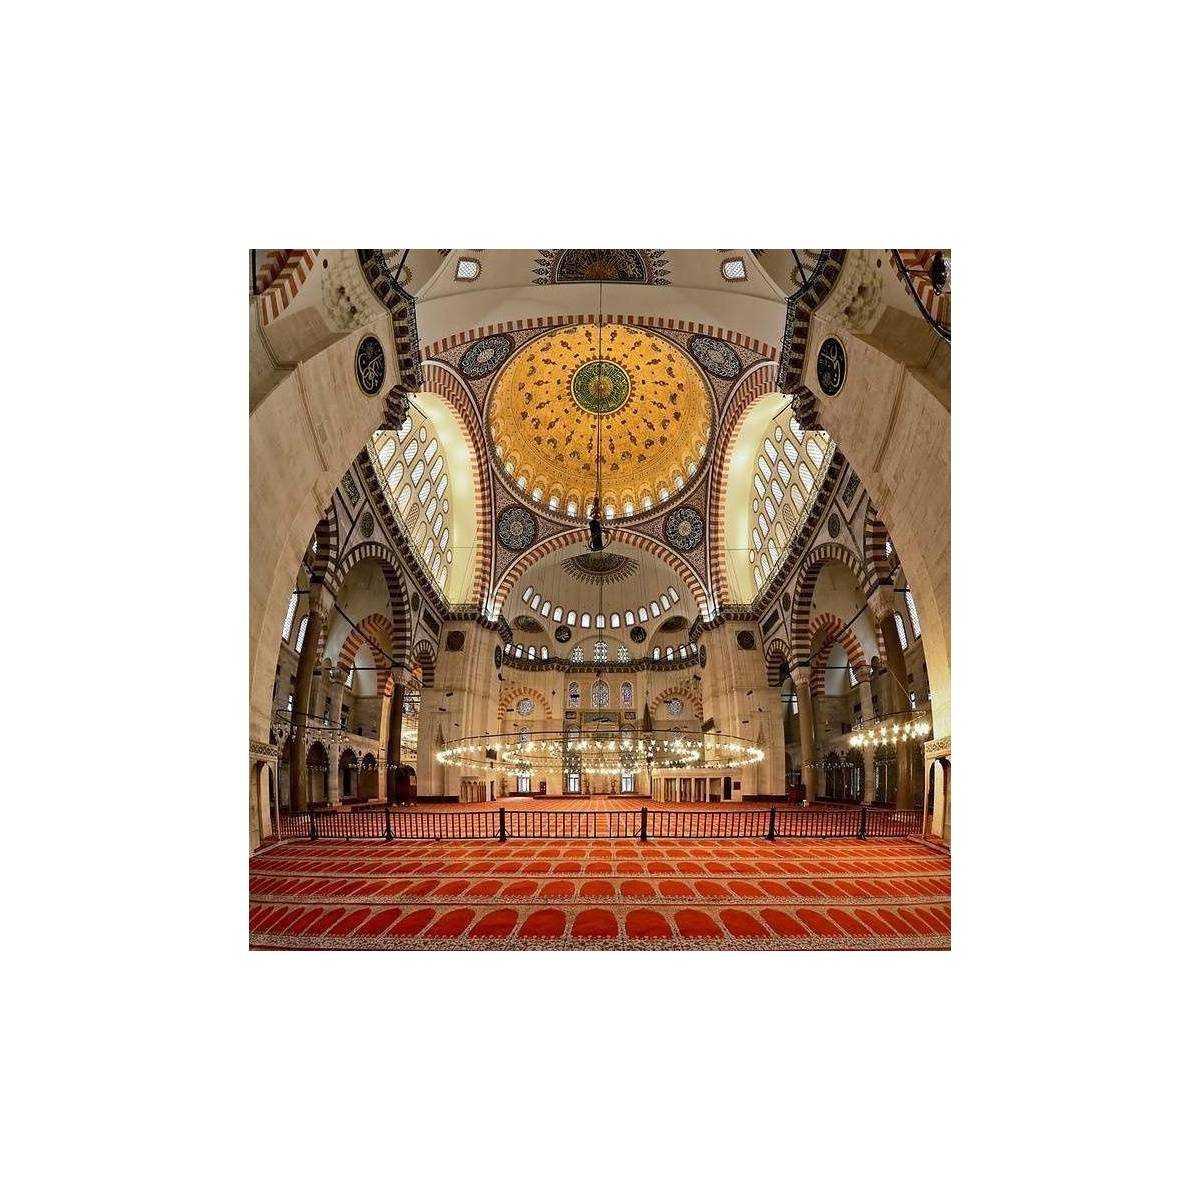 Ковры для мечетий carpet-mechet.03 HASKUL HALI